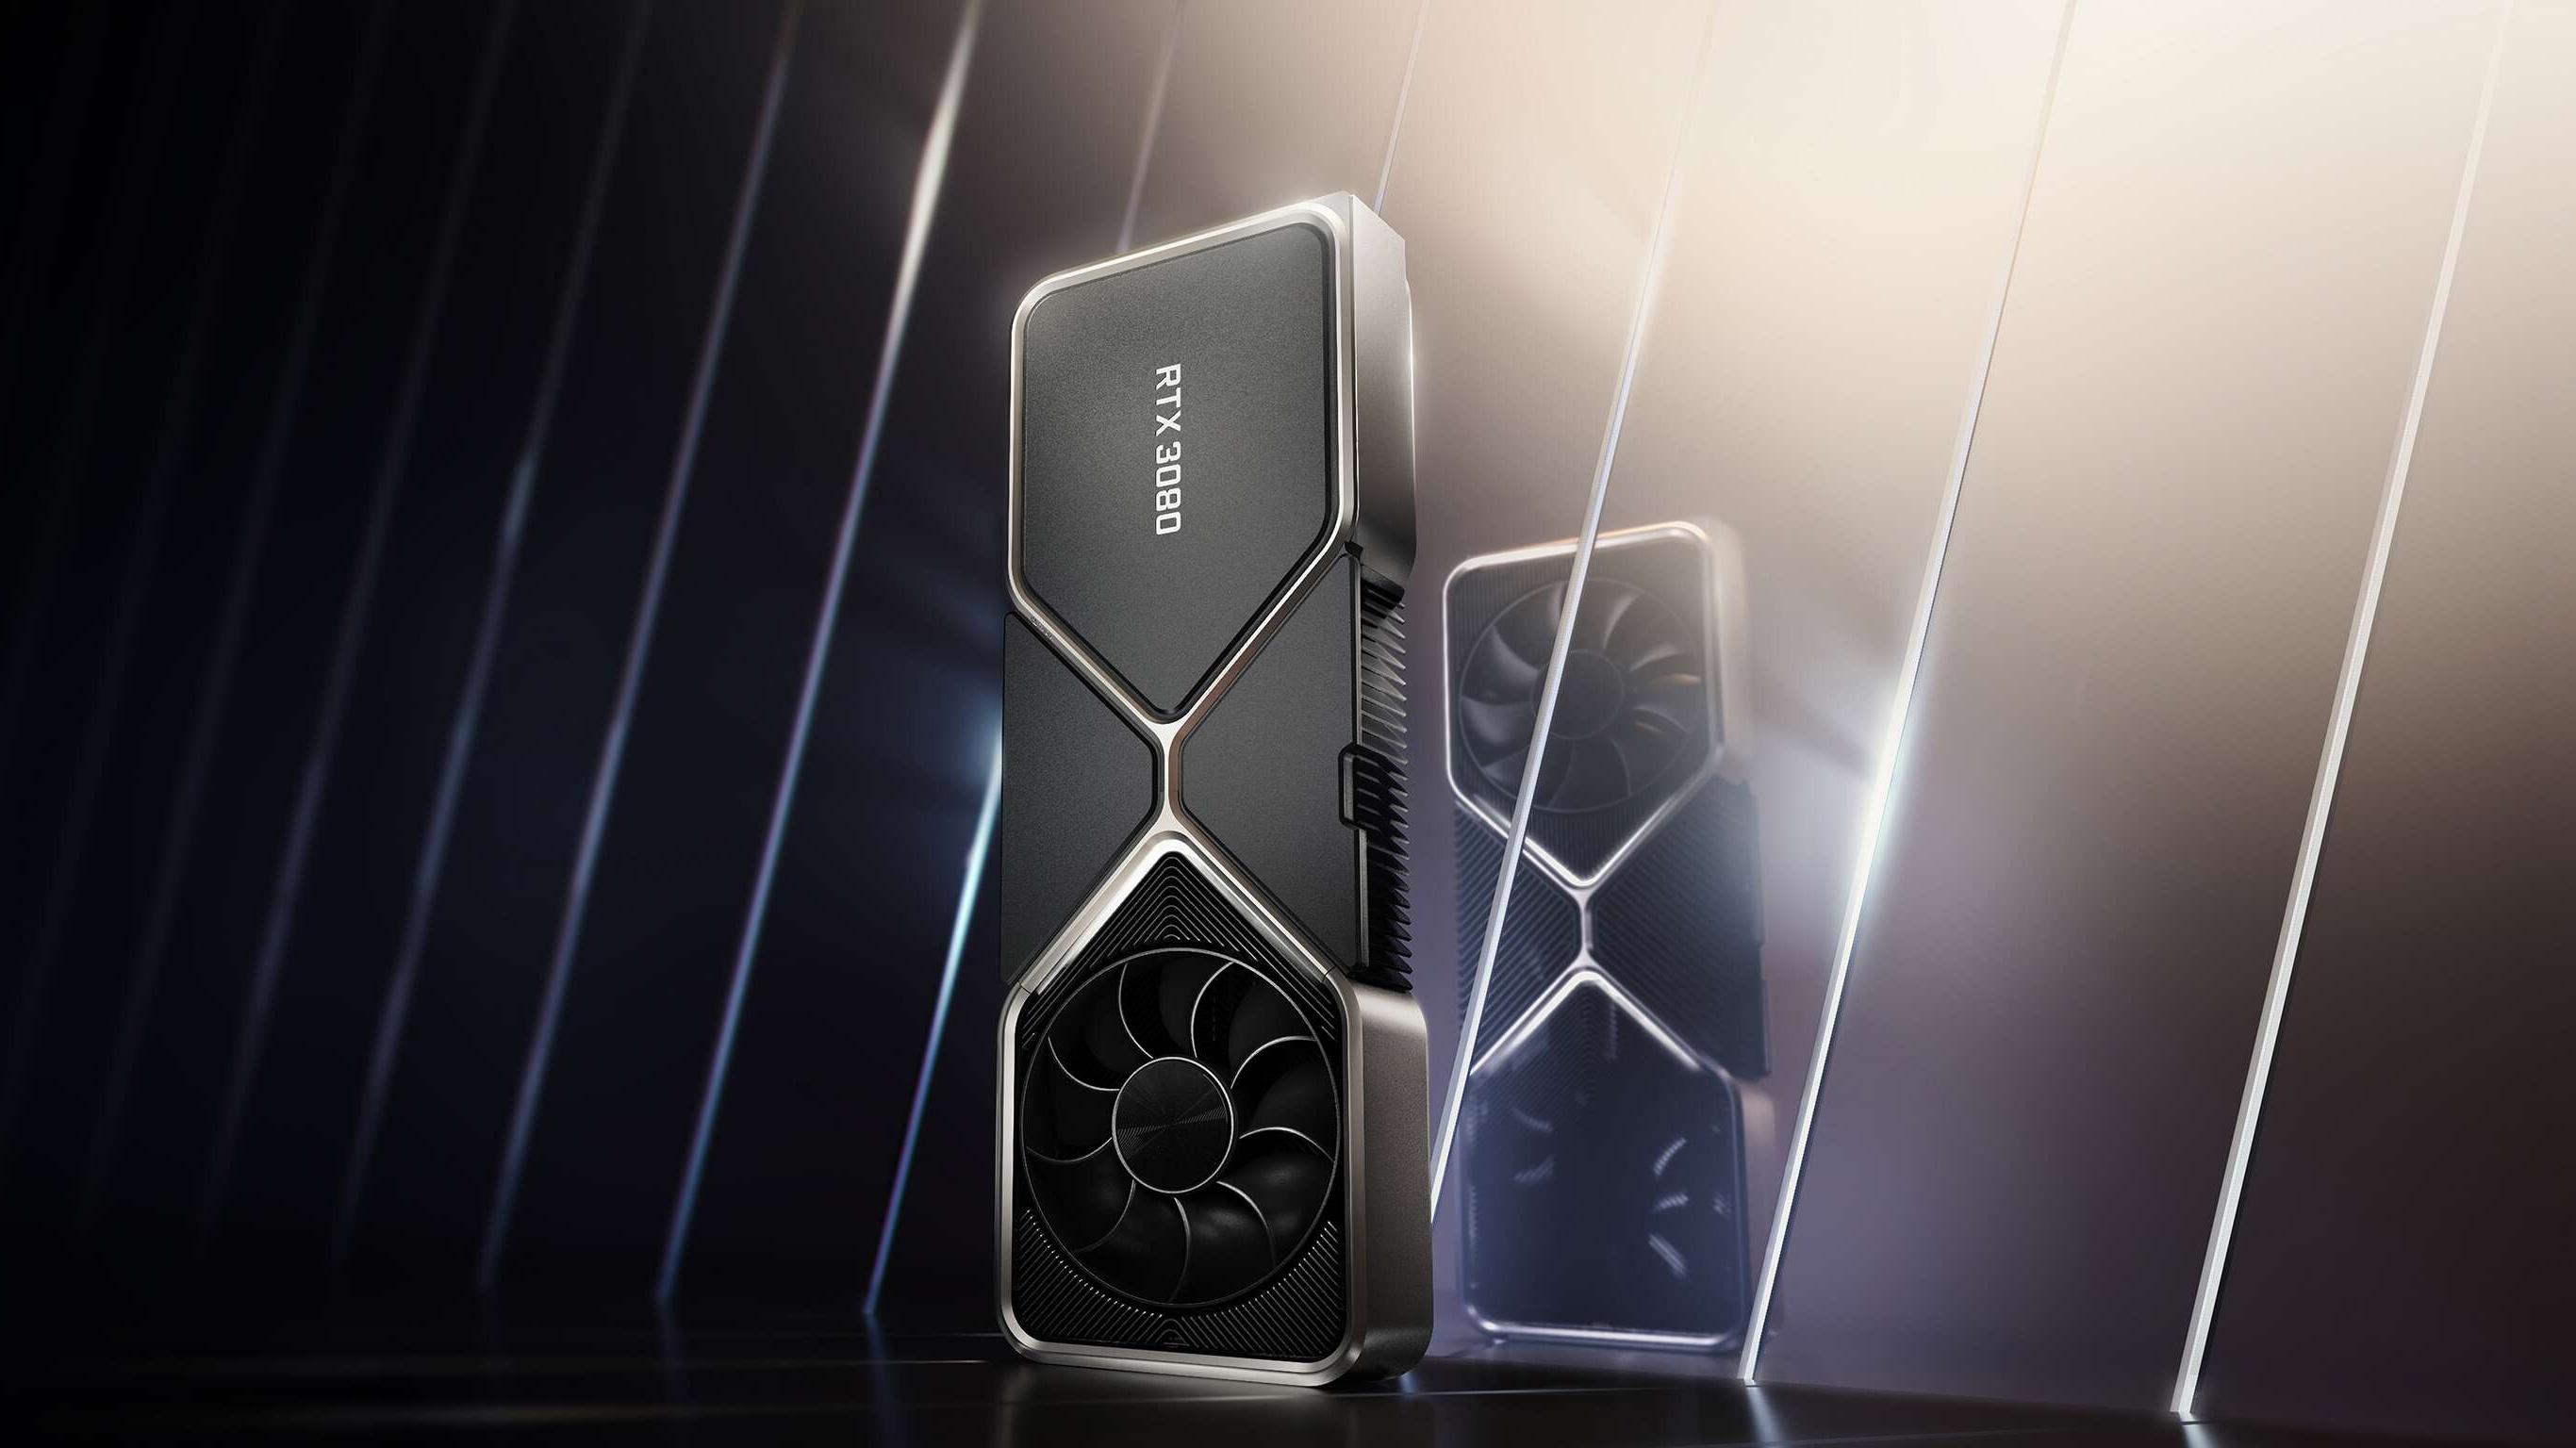 Nvidia: harga rasmi GeForce RTX 3090, 3080, 3070 telah disenaraikan